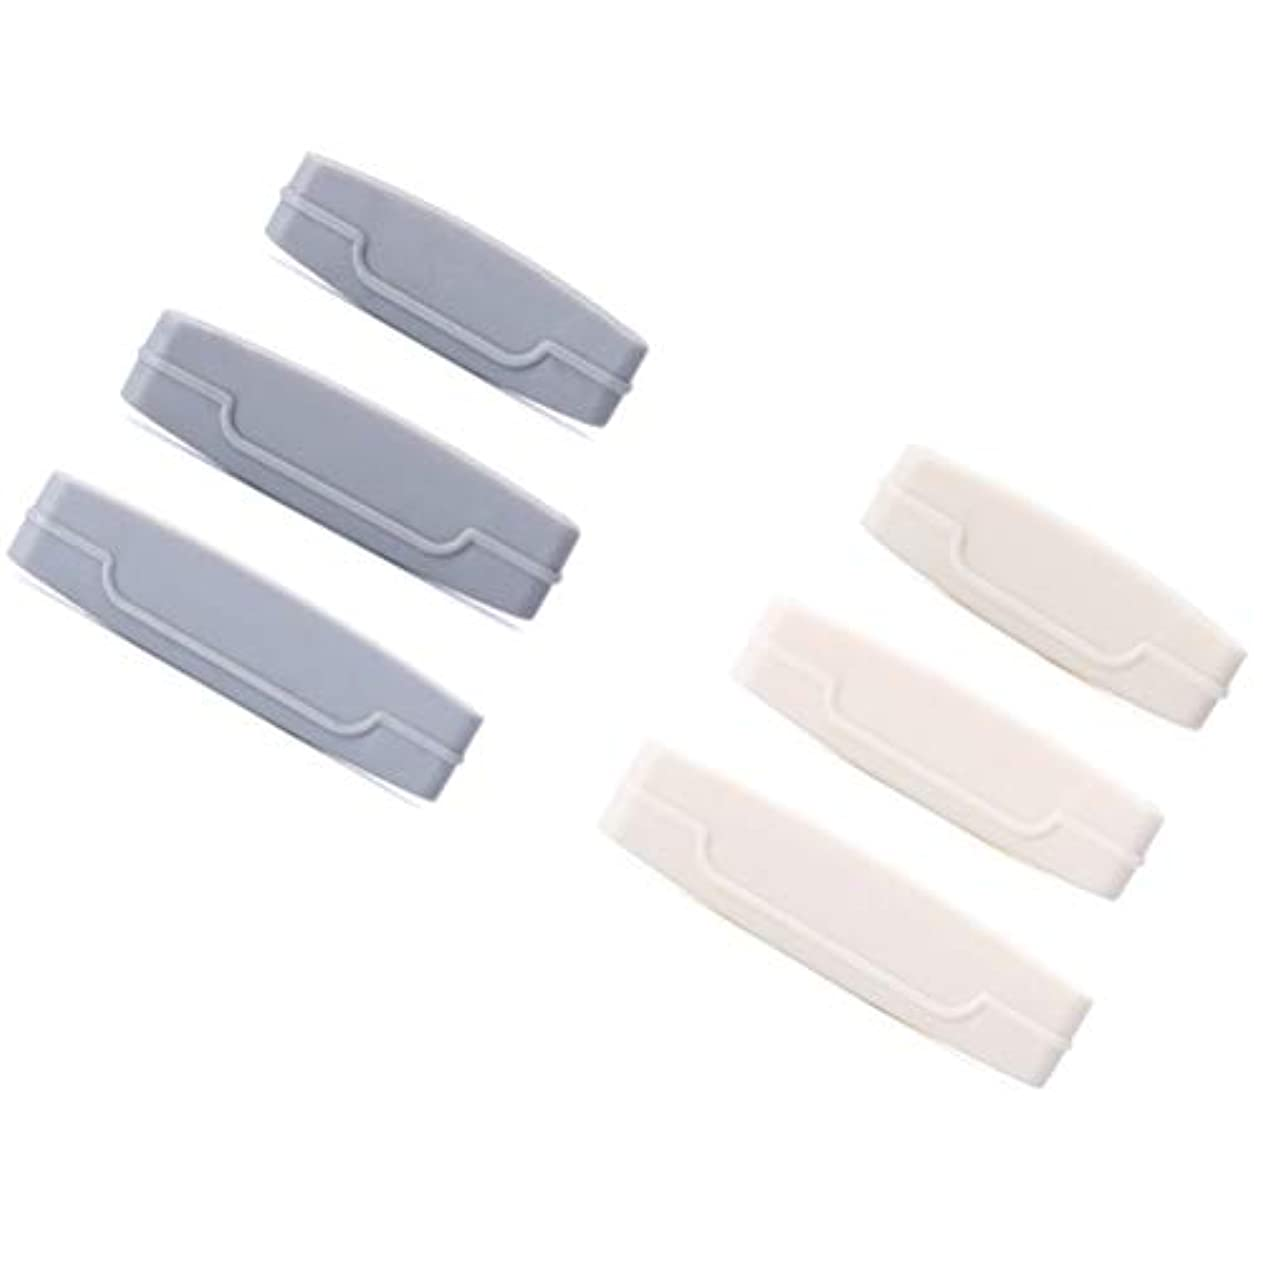 顕微鏡潜在的な剪断TOPBATHY 6本入り歯磨き粉チューブスクイーズディスペンサー歯磨き粉ごみ減量用クレンザー用押出機クリップ(灰白)